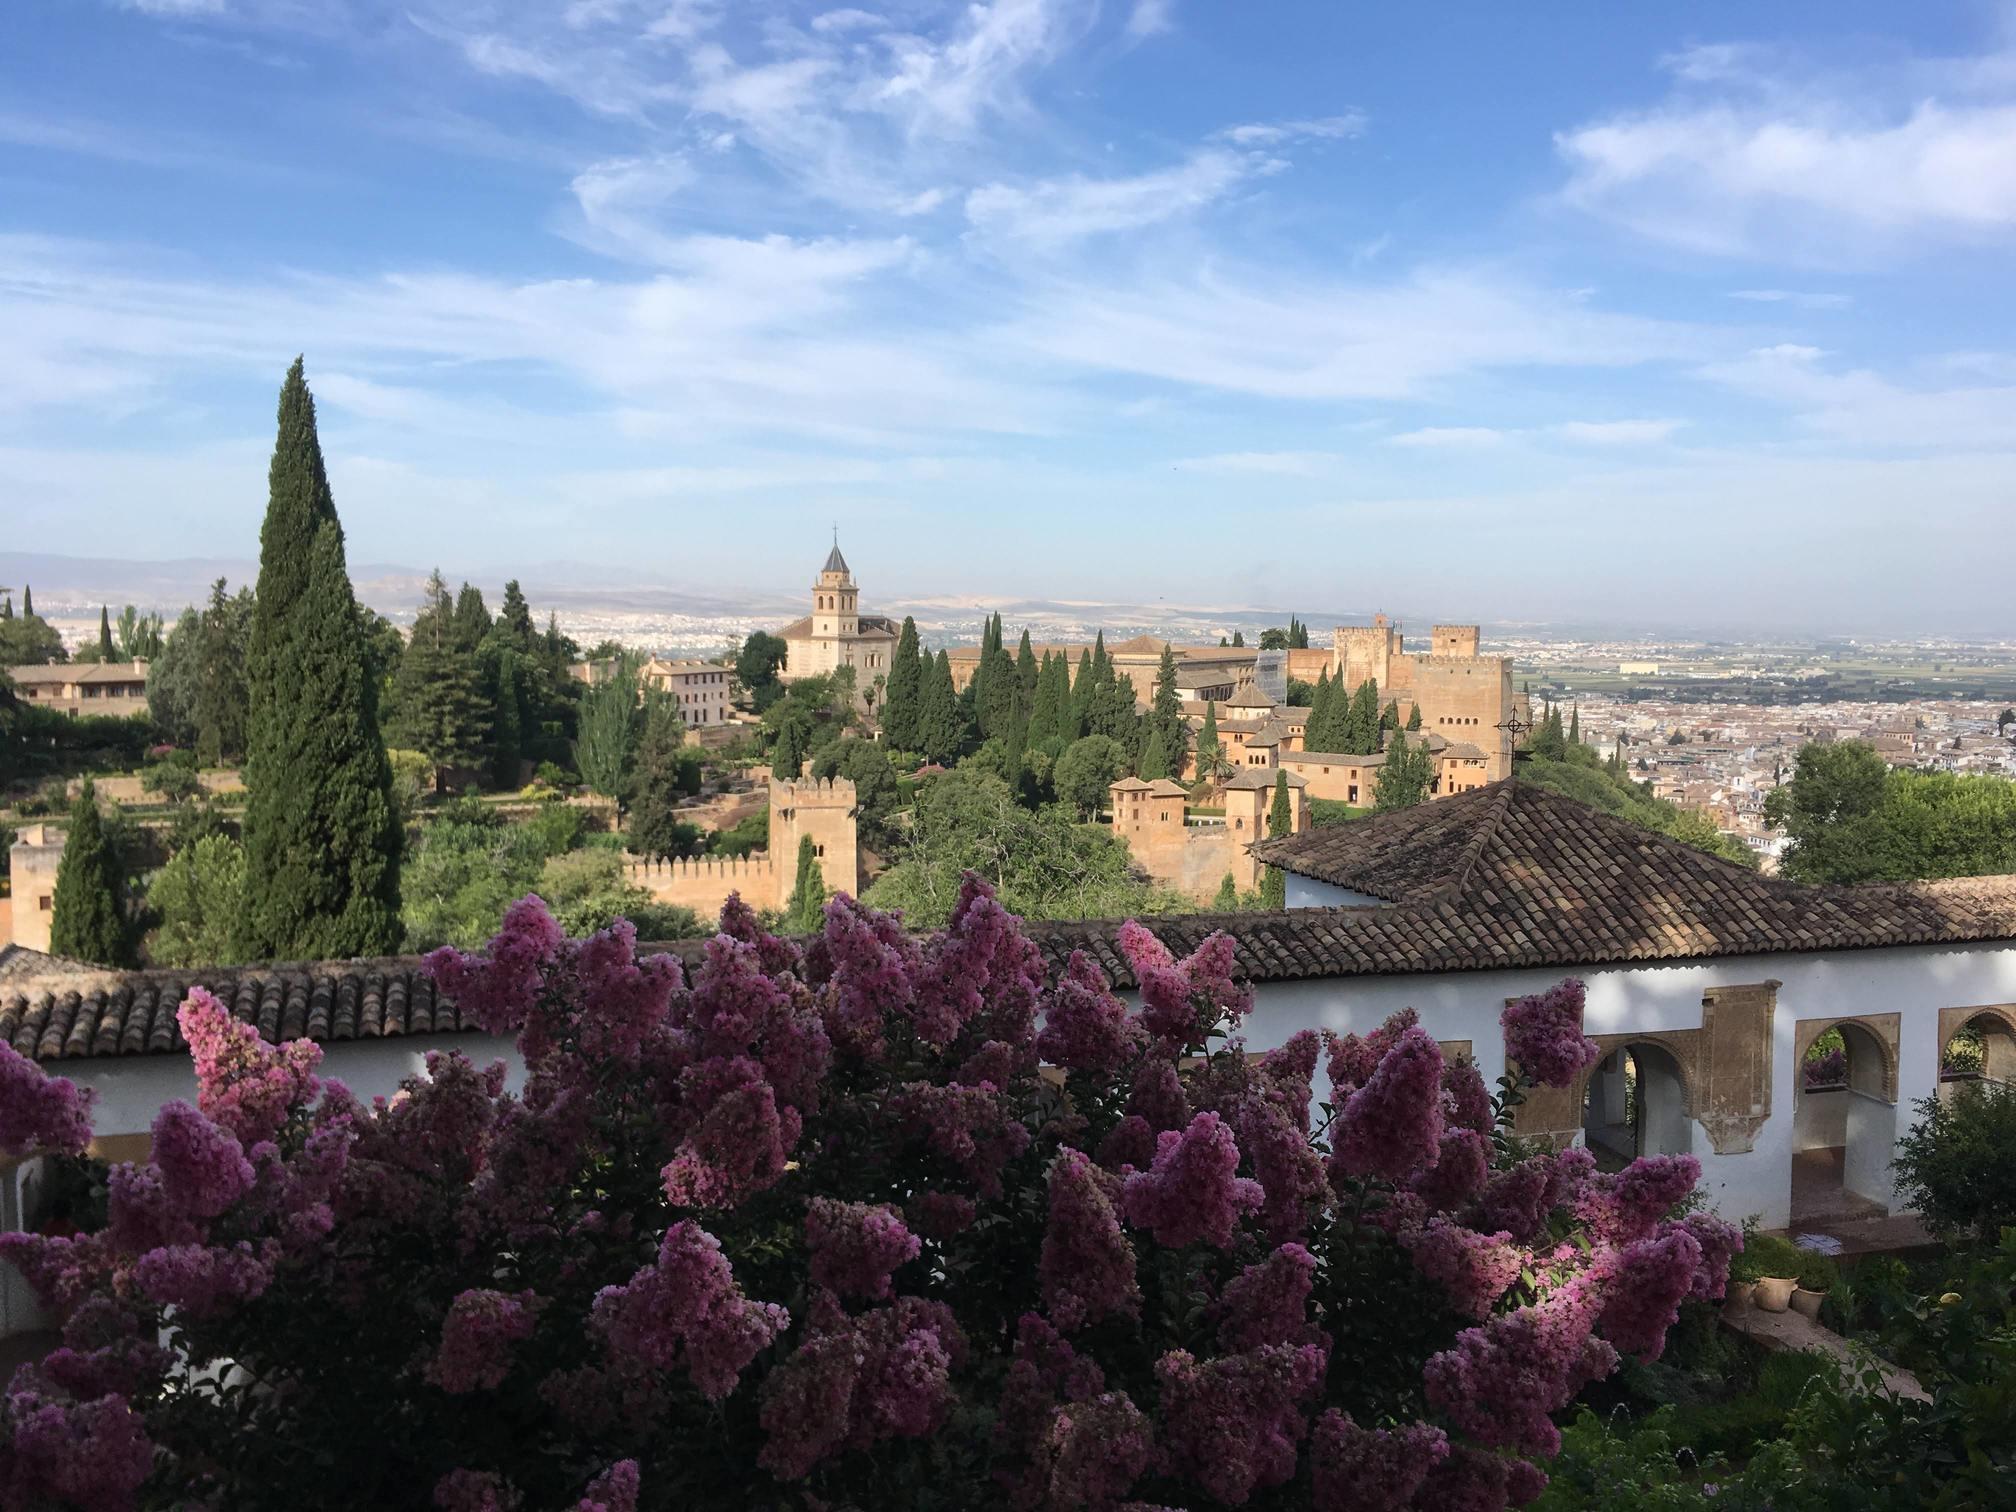 Blick auf die Burganlage Alhambra vom Generalife Palast aus mit Flieder und Zypresse im Vordergrund